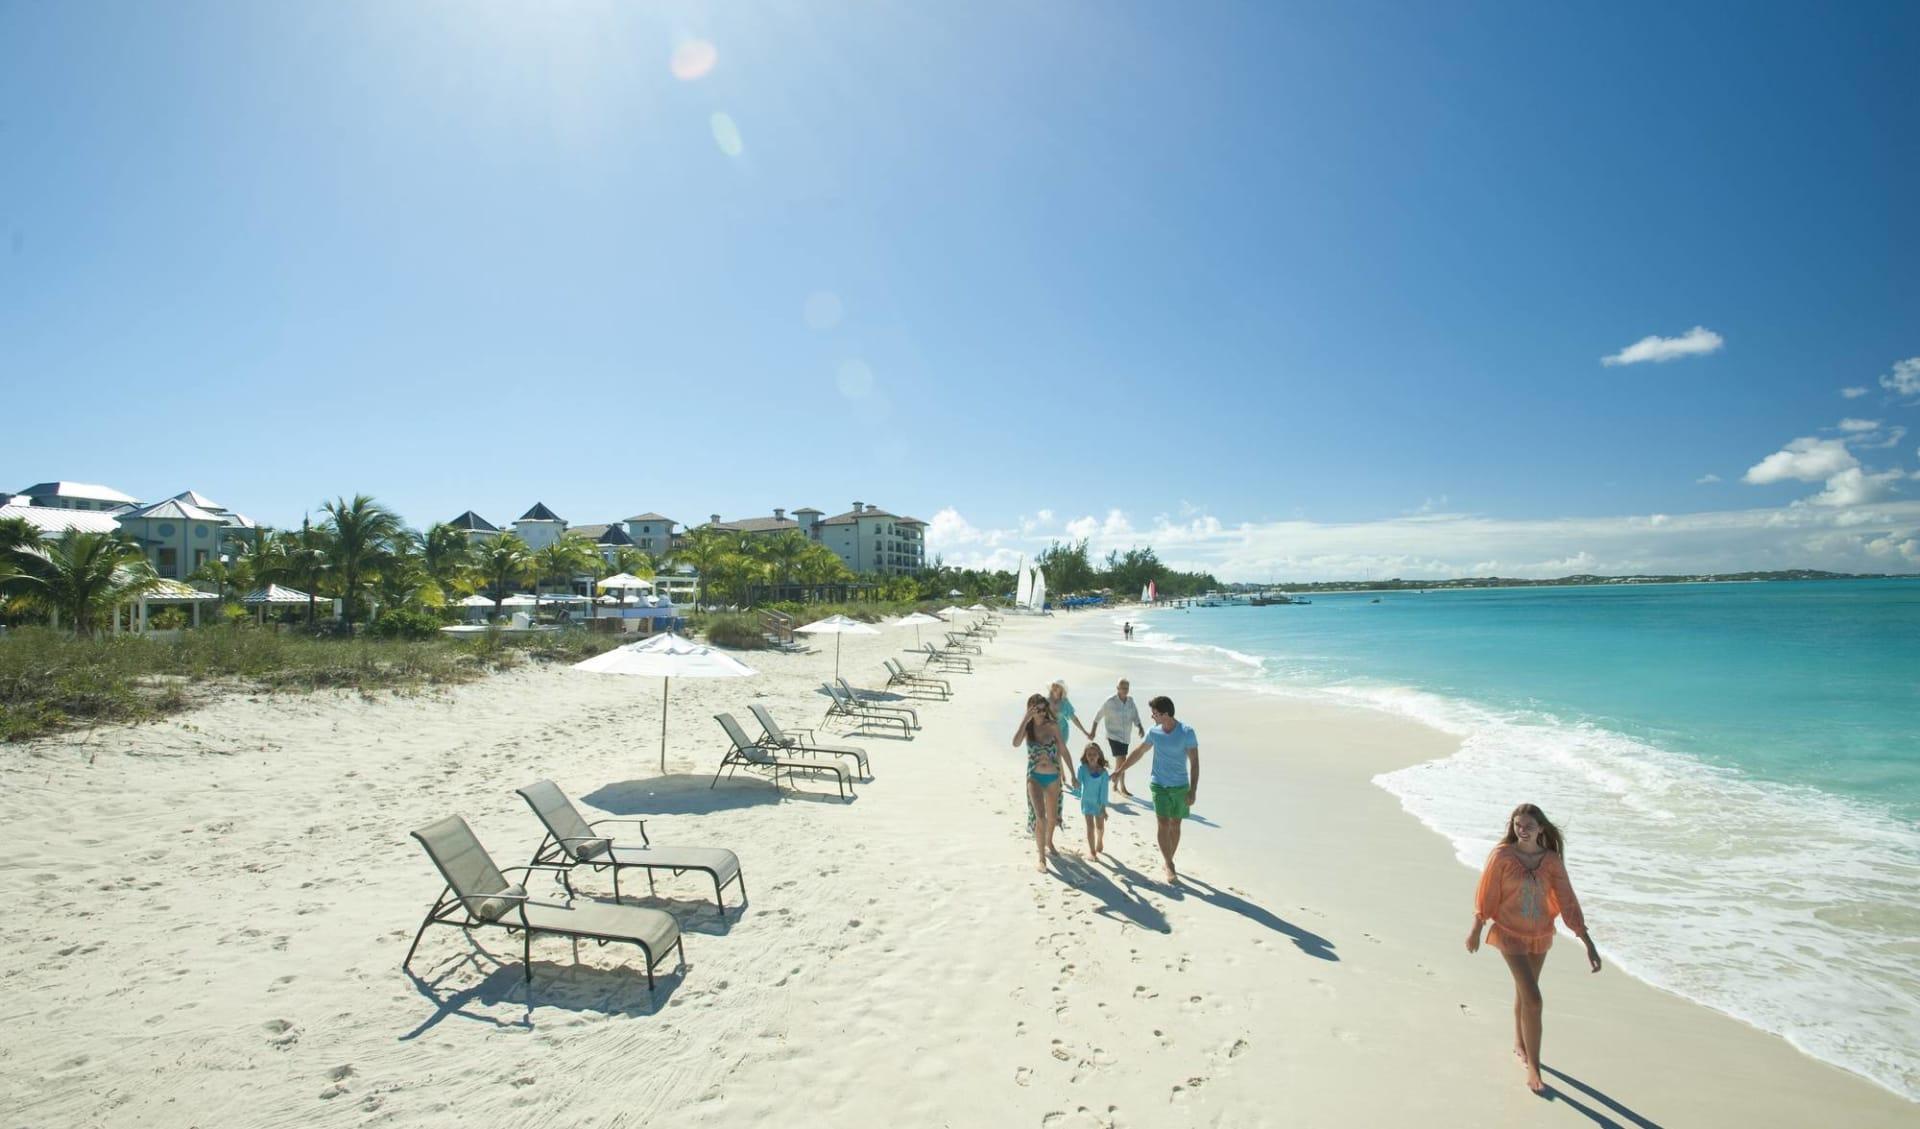 Sandals Grande Antigua Resort & Spa in Dickenson Bay: natur sandals grande antigua resort and spa strand menschen meer